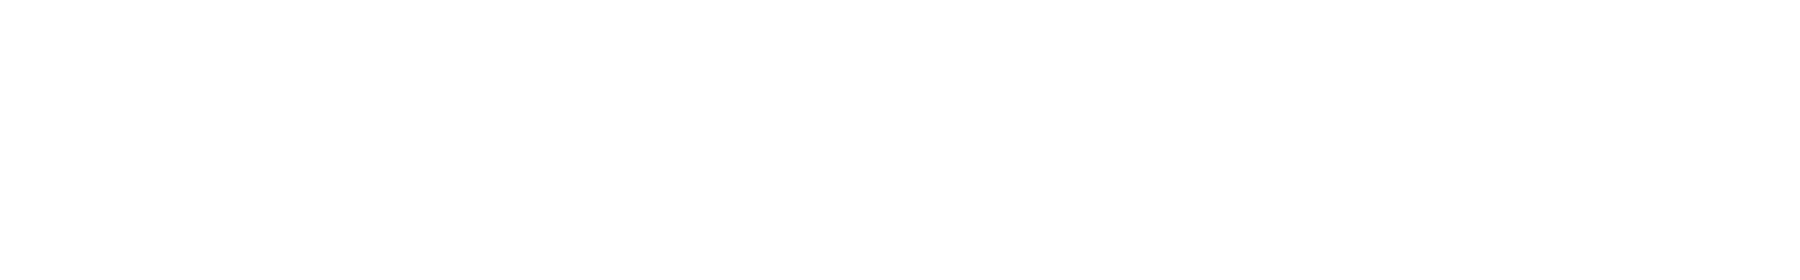 241569 oh wav